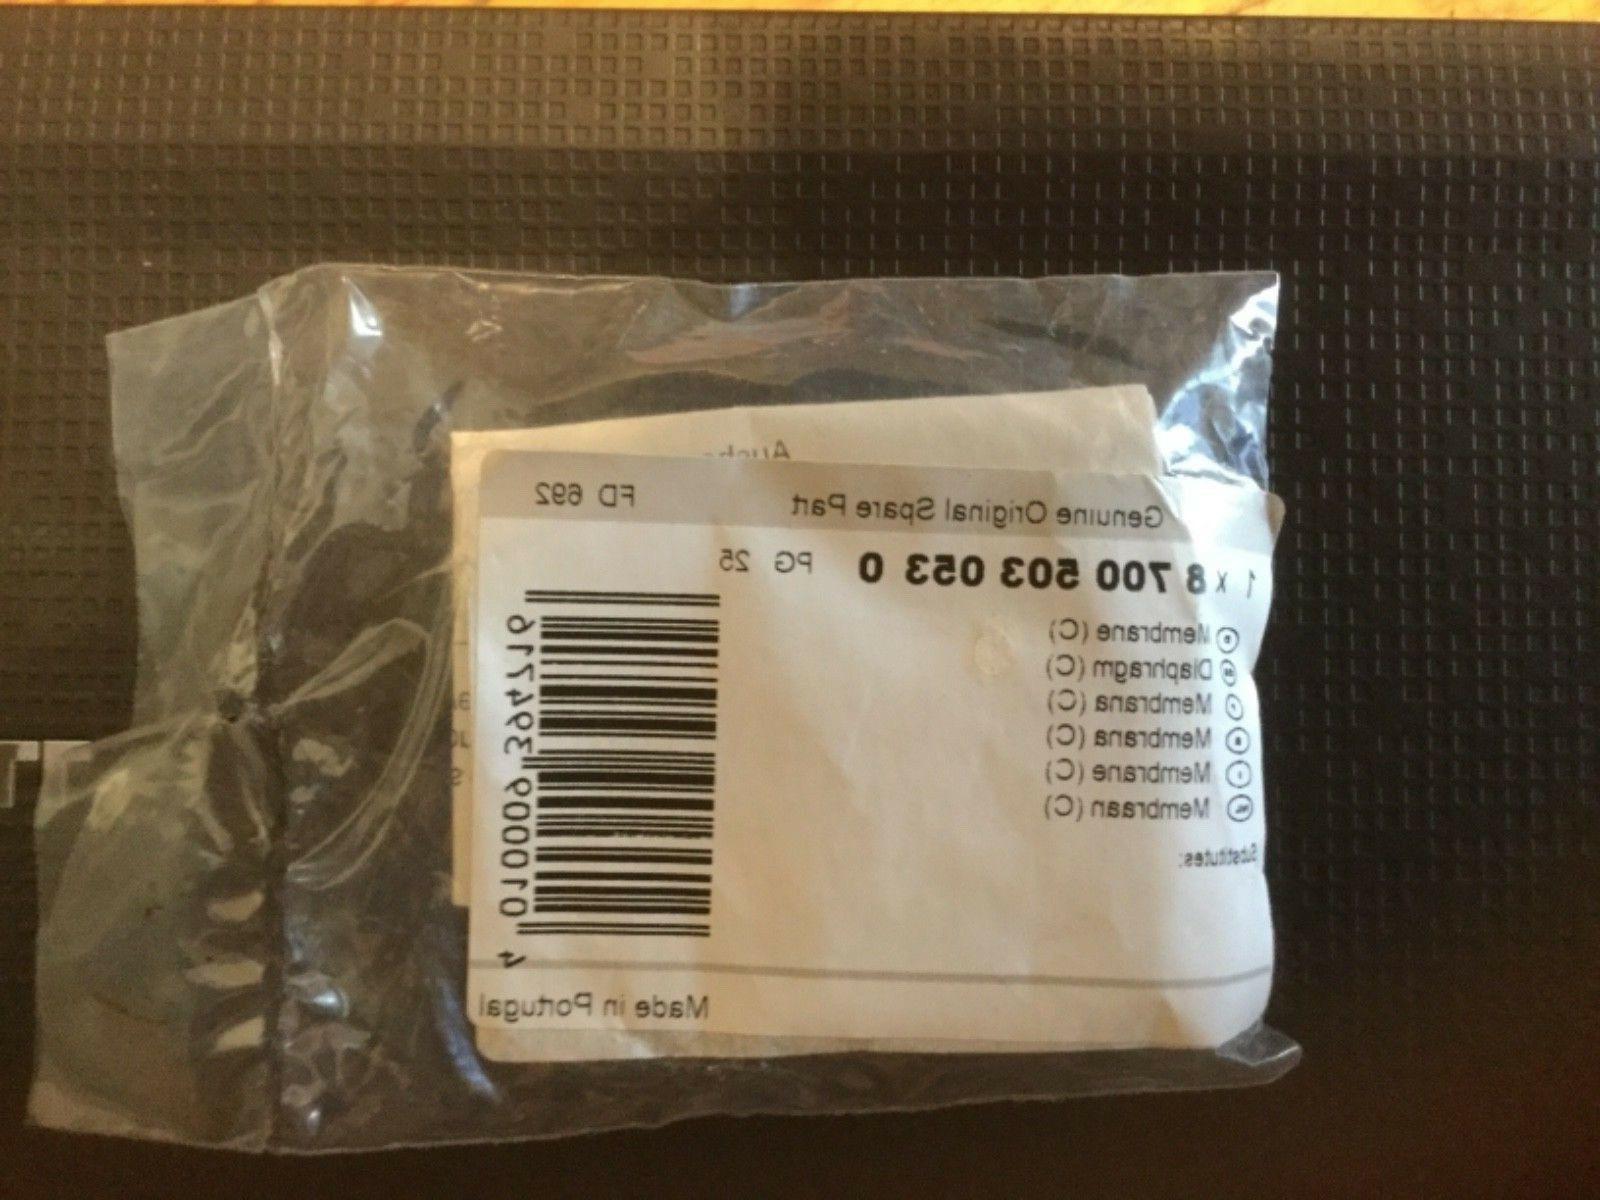 Bosch tankless Heater valve diaphragm 03053, 87005030530 For 125B